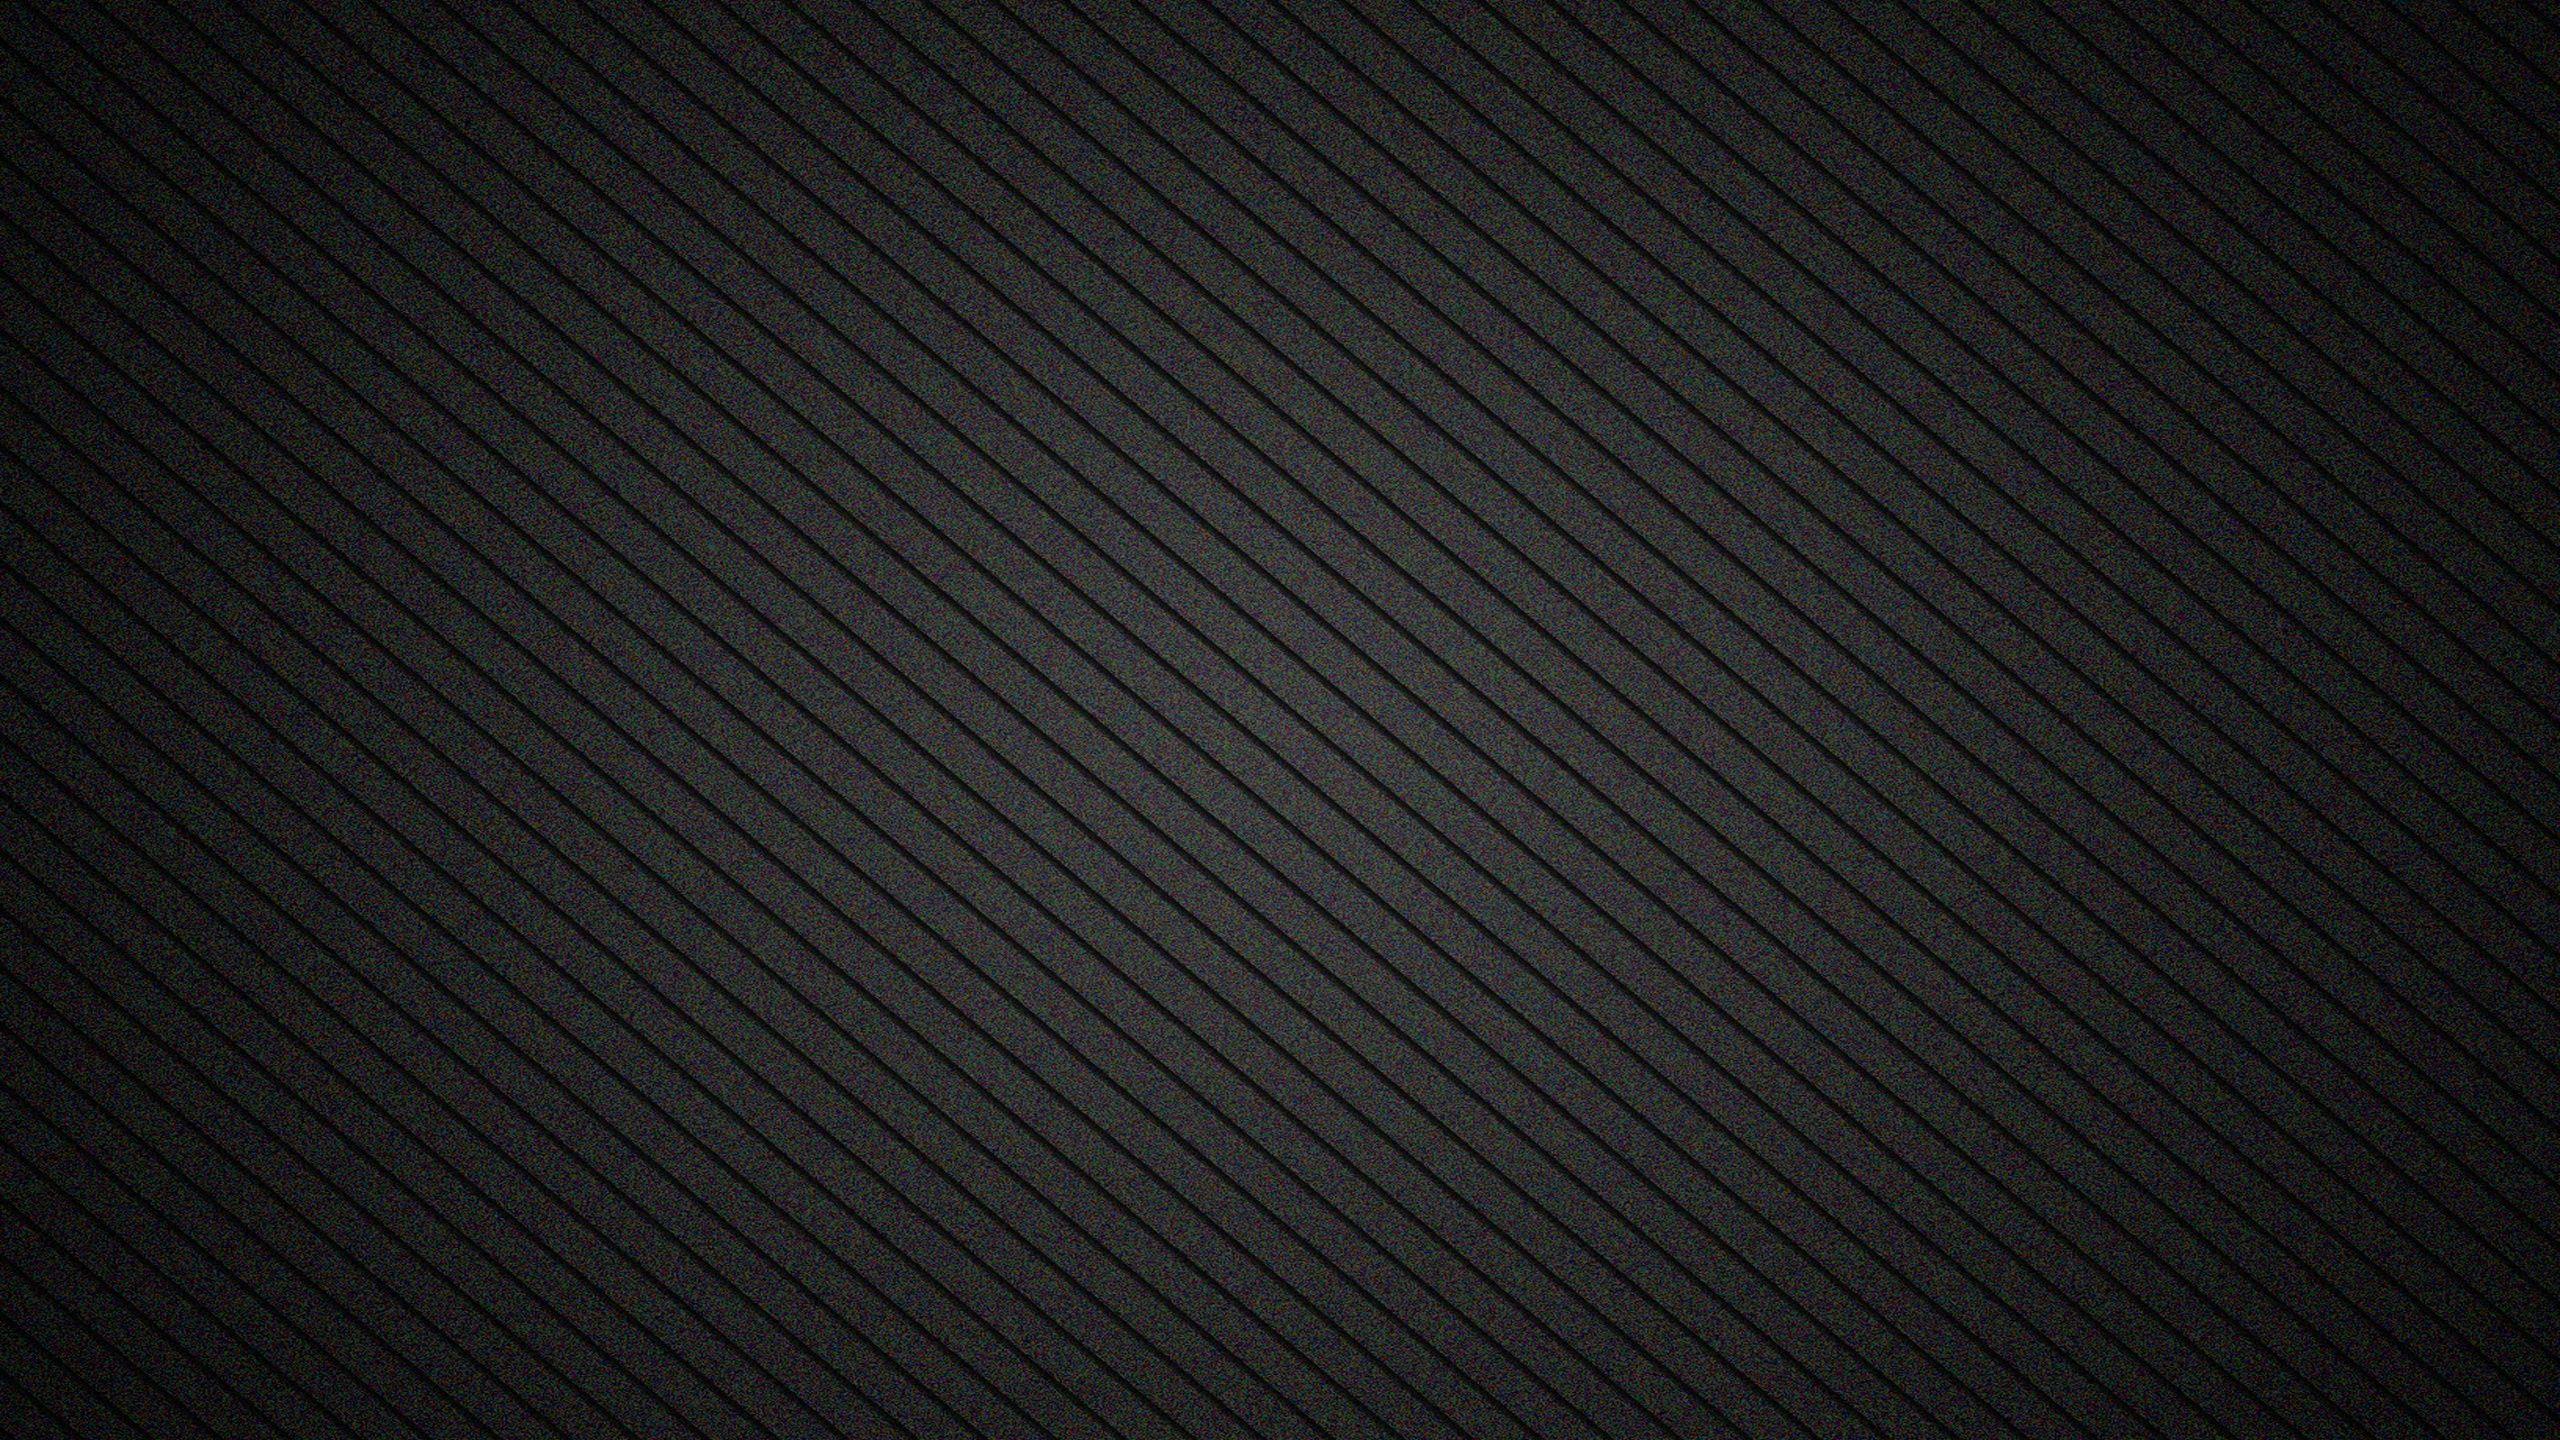 Wallpaper B Wallpapertp 25601440 Wallpaper 2560 X 1440 41